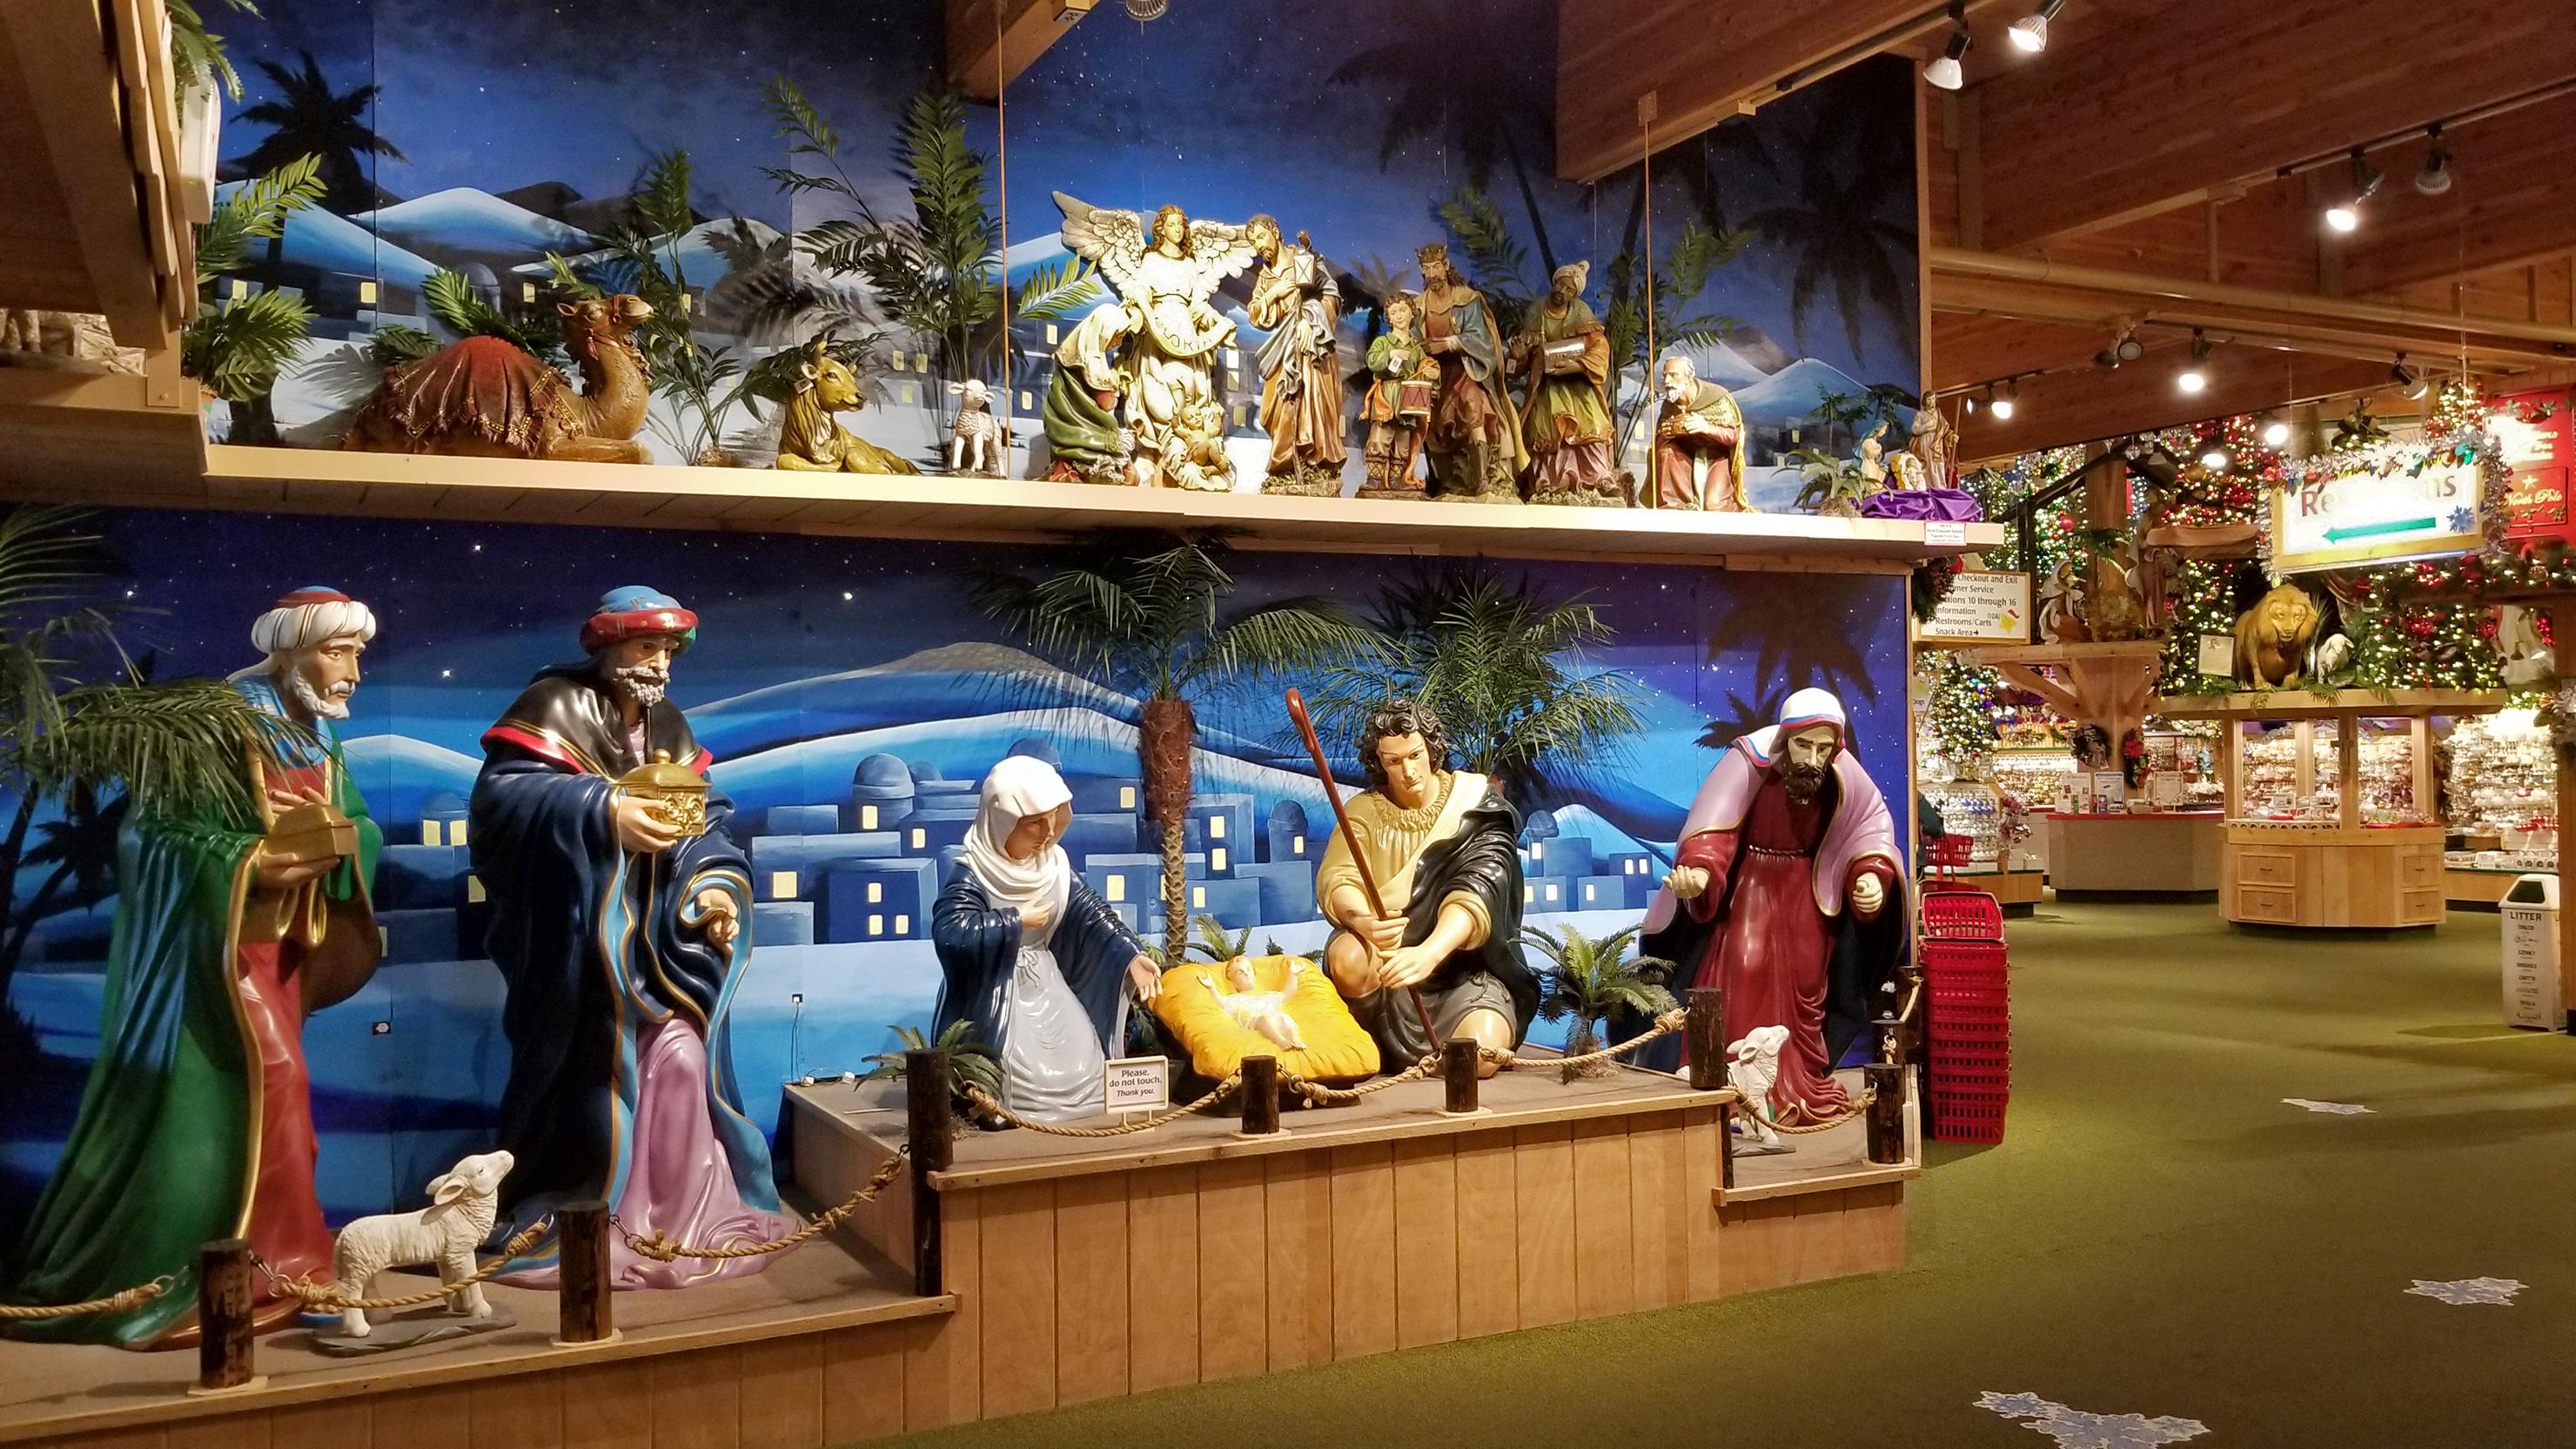 Bronners Christmas.File Nativity Scene And Displays At Bronner S Christmas